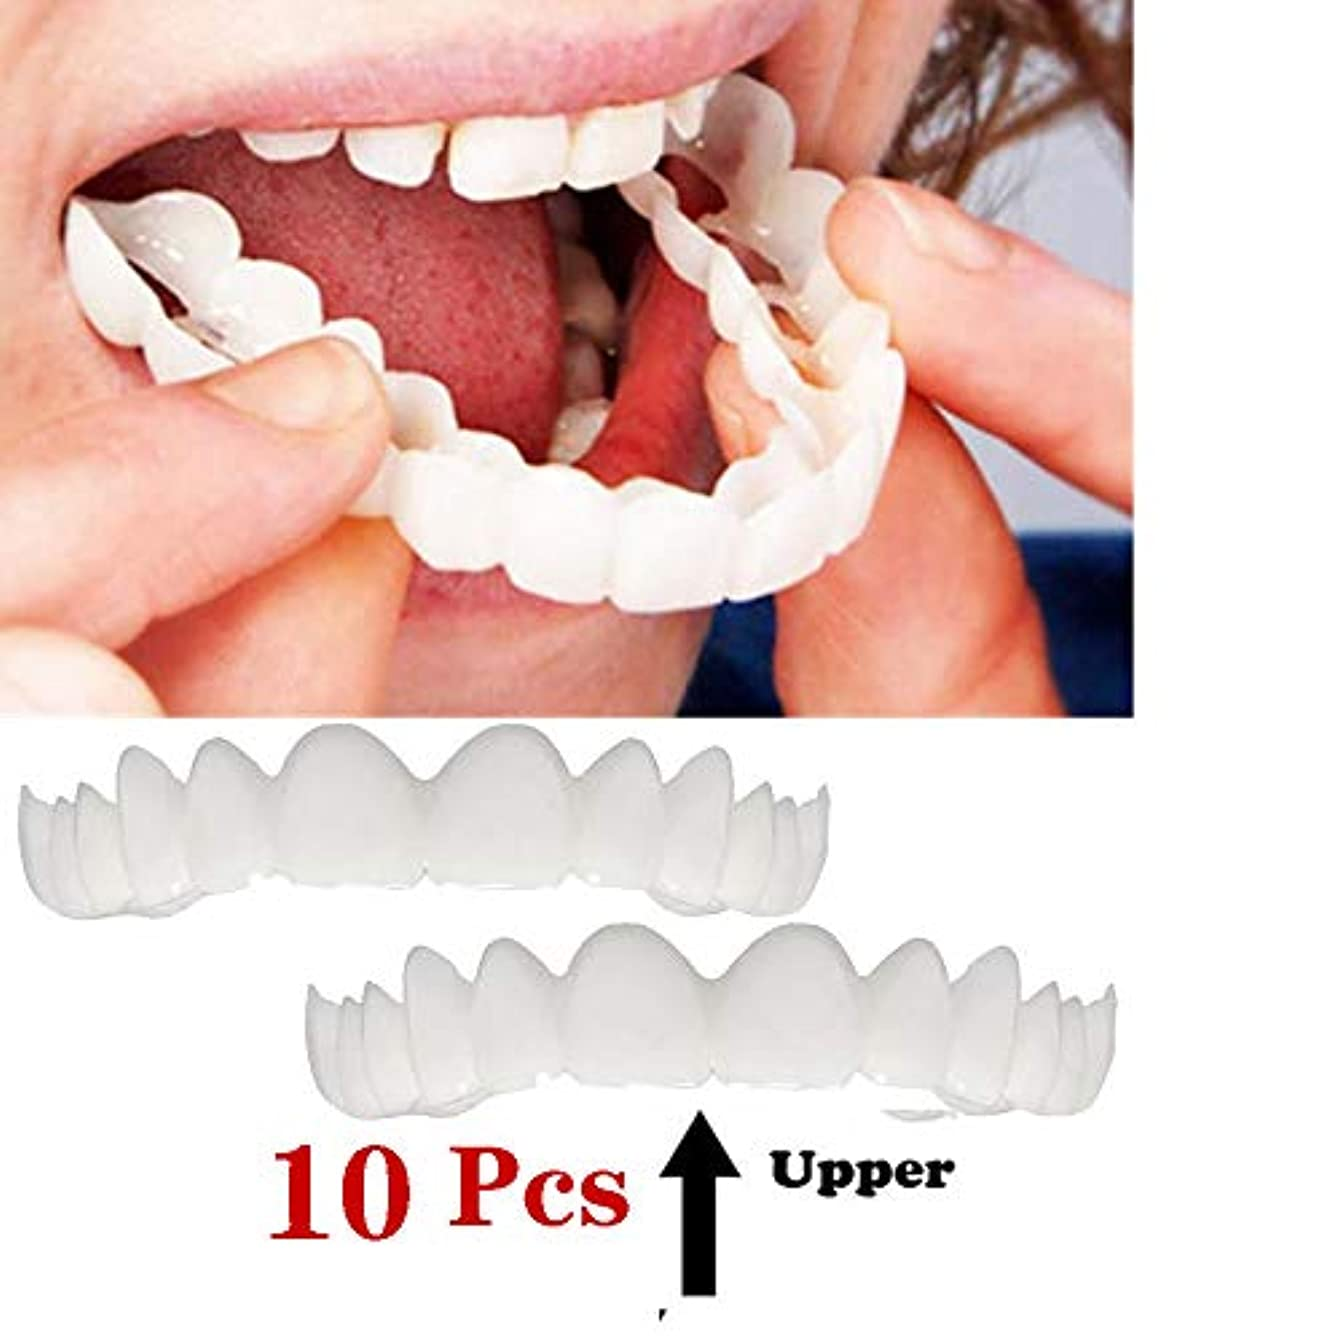 シリコンベニヤティース偽の歯パーフェクトスマイルベニヤストック補正矯正義歯悪い義歯ベニヤベニヤ歯ホワイトニング